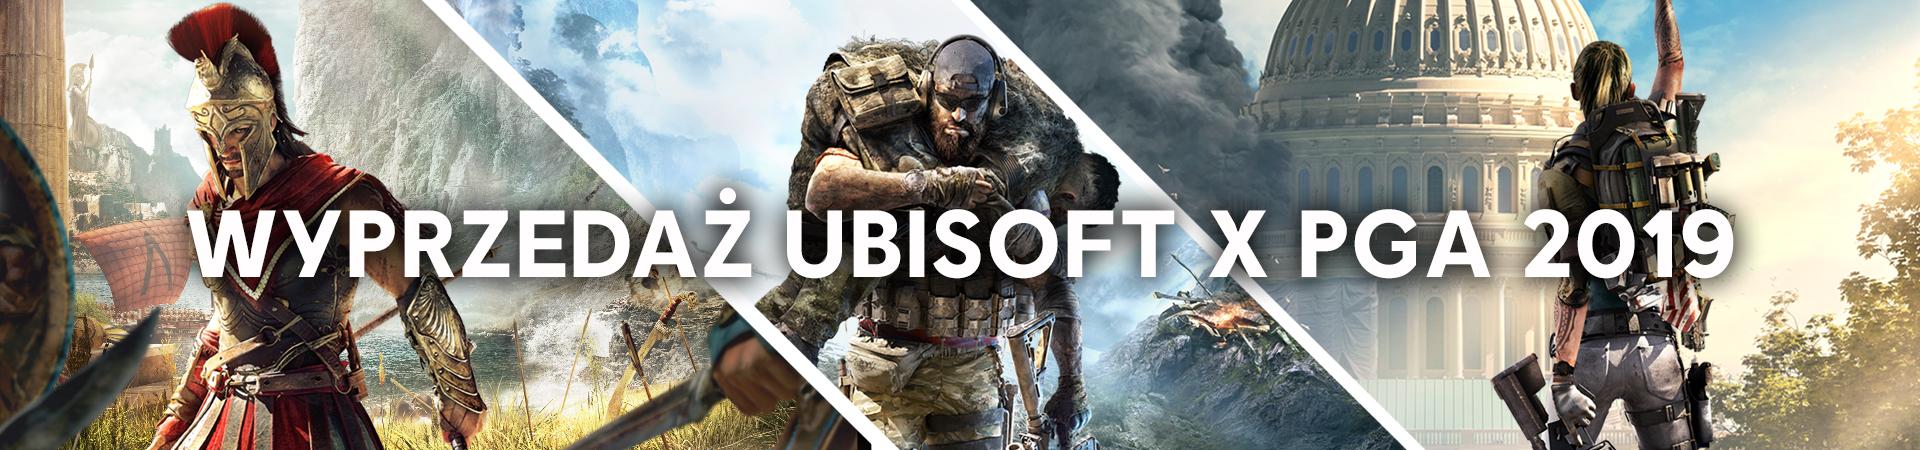 Wyprzedaż gier w Ubisoft Store. Ceny niższe nawet o 70% 20